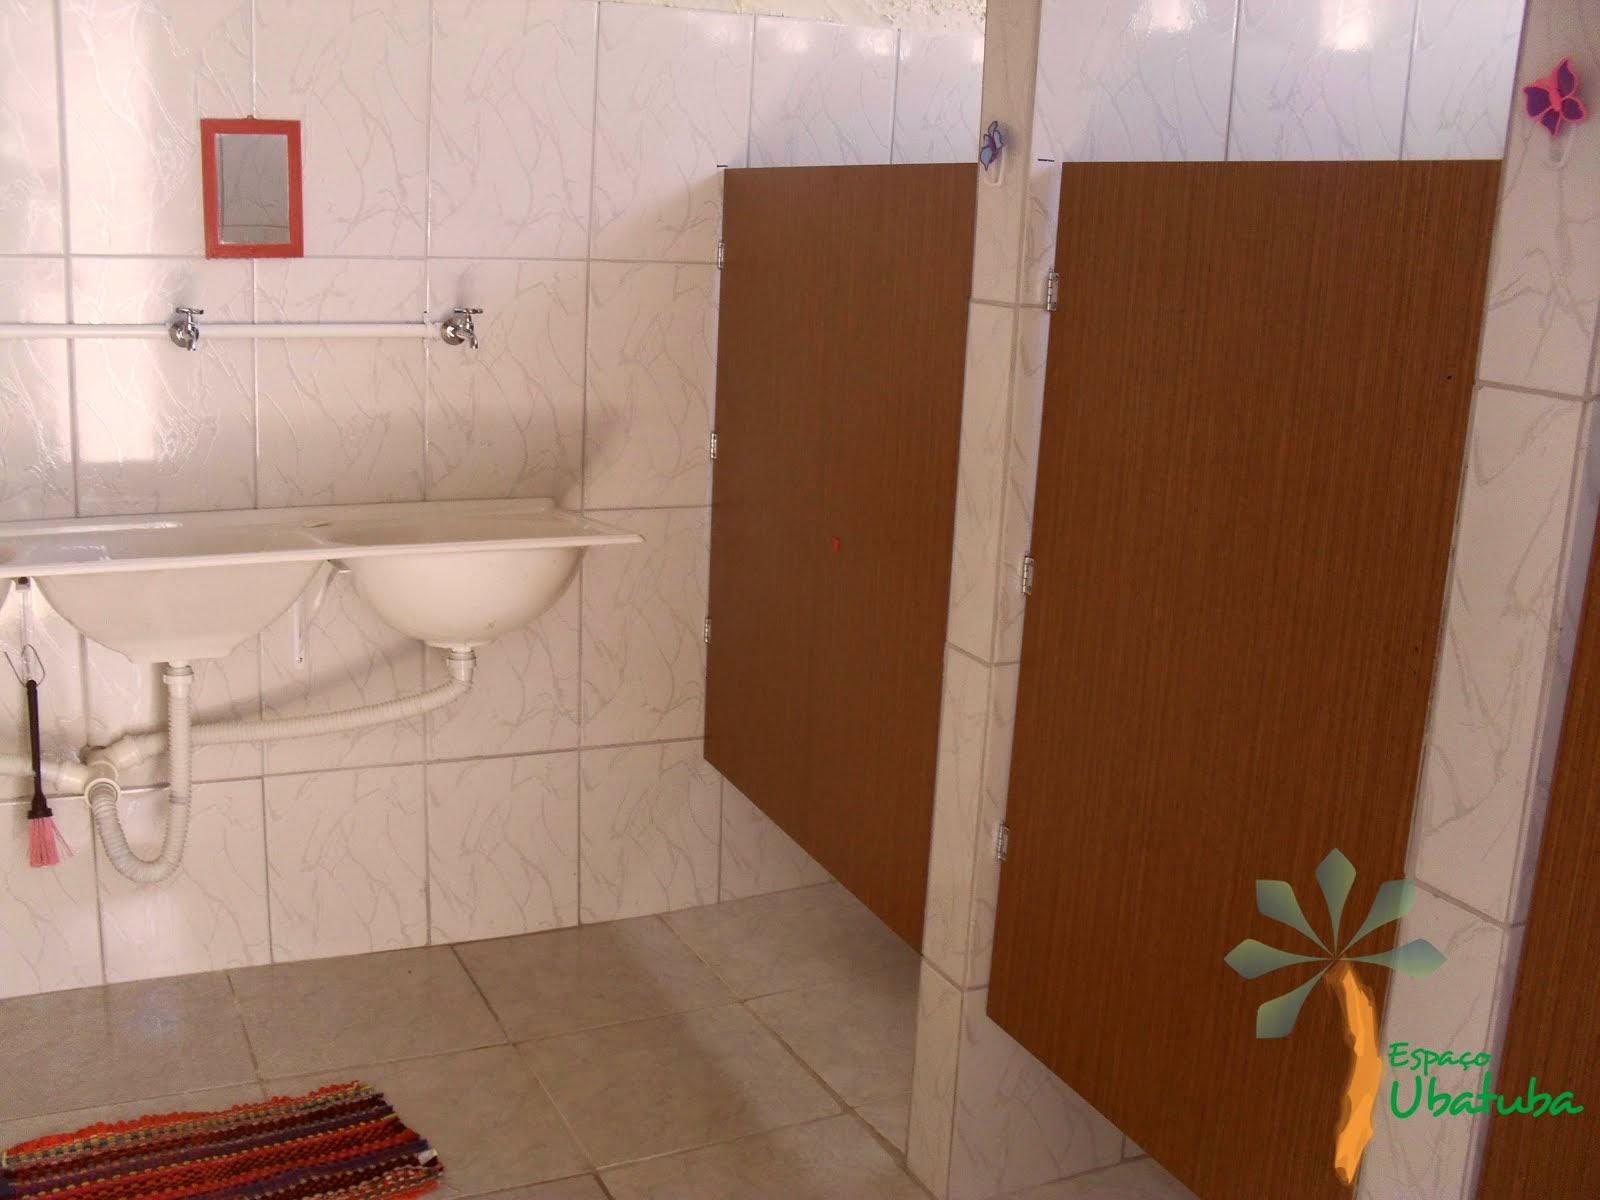 Banheiro Feminino e Masculino do Espaço Ubatuba